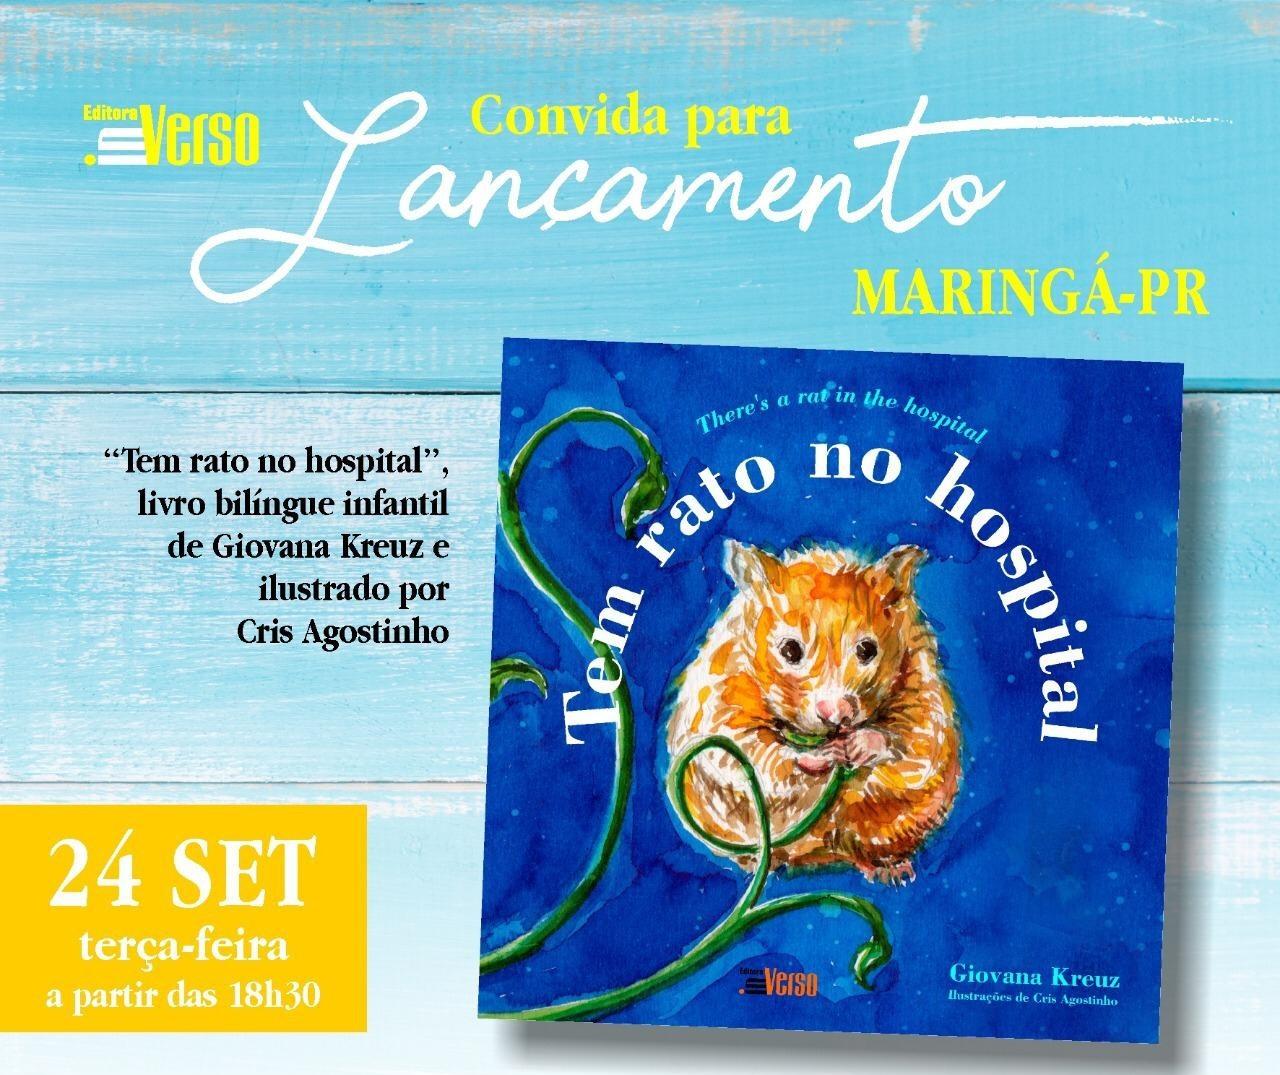 Livro bilíngue é lançado em Maringá